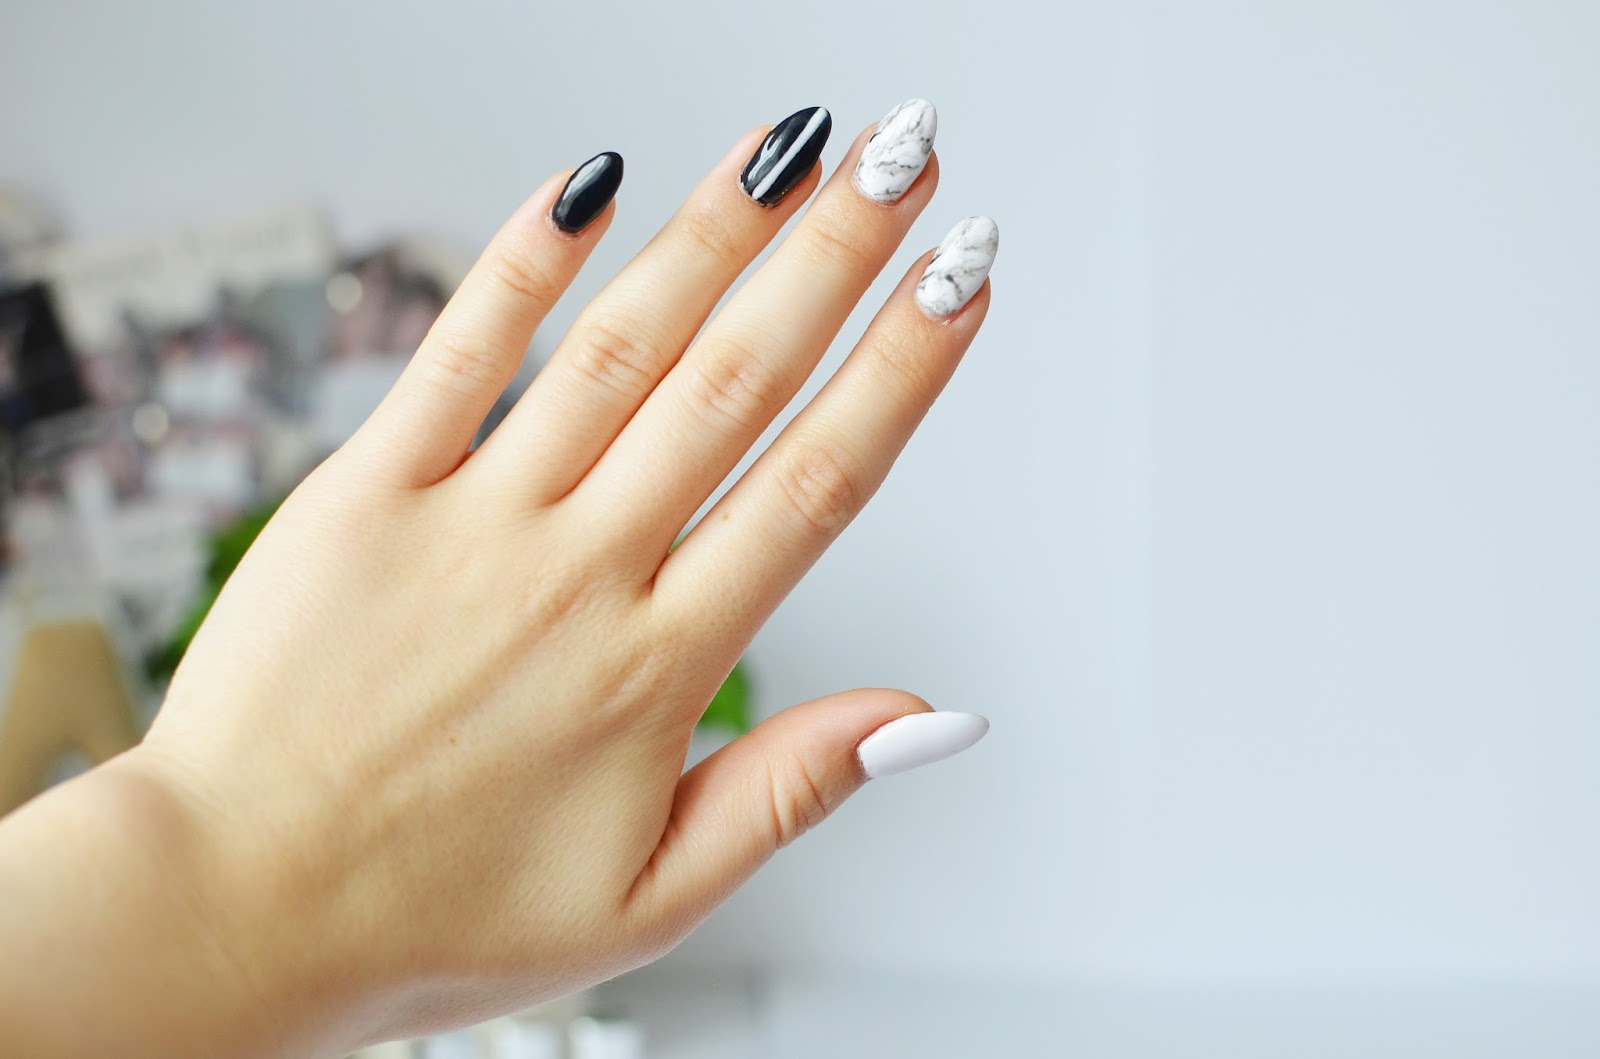 Manicure Hybrydowy Pierwsze Wrażenie Paznokcie Marmurkowe Em